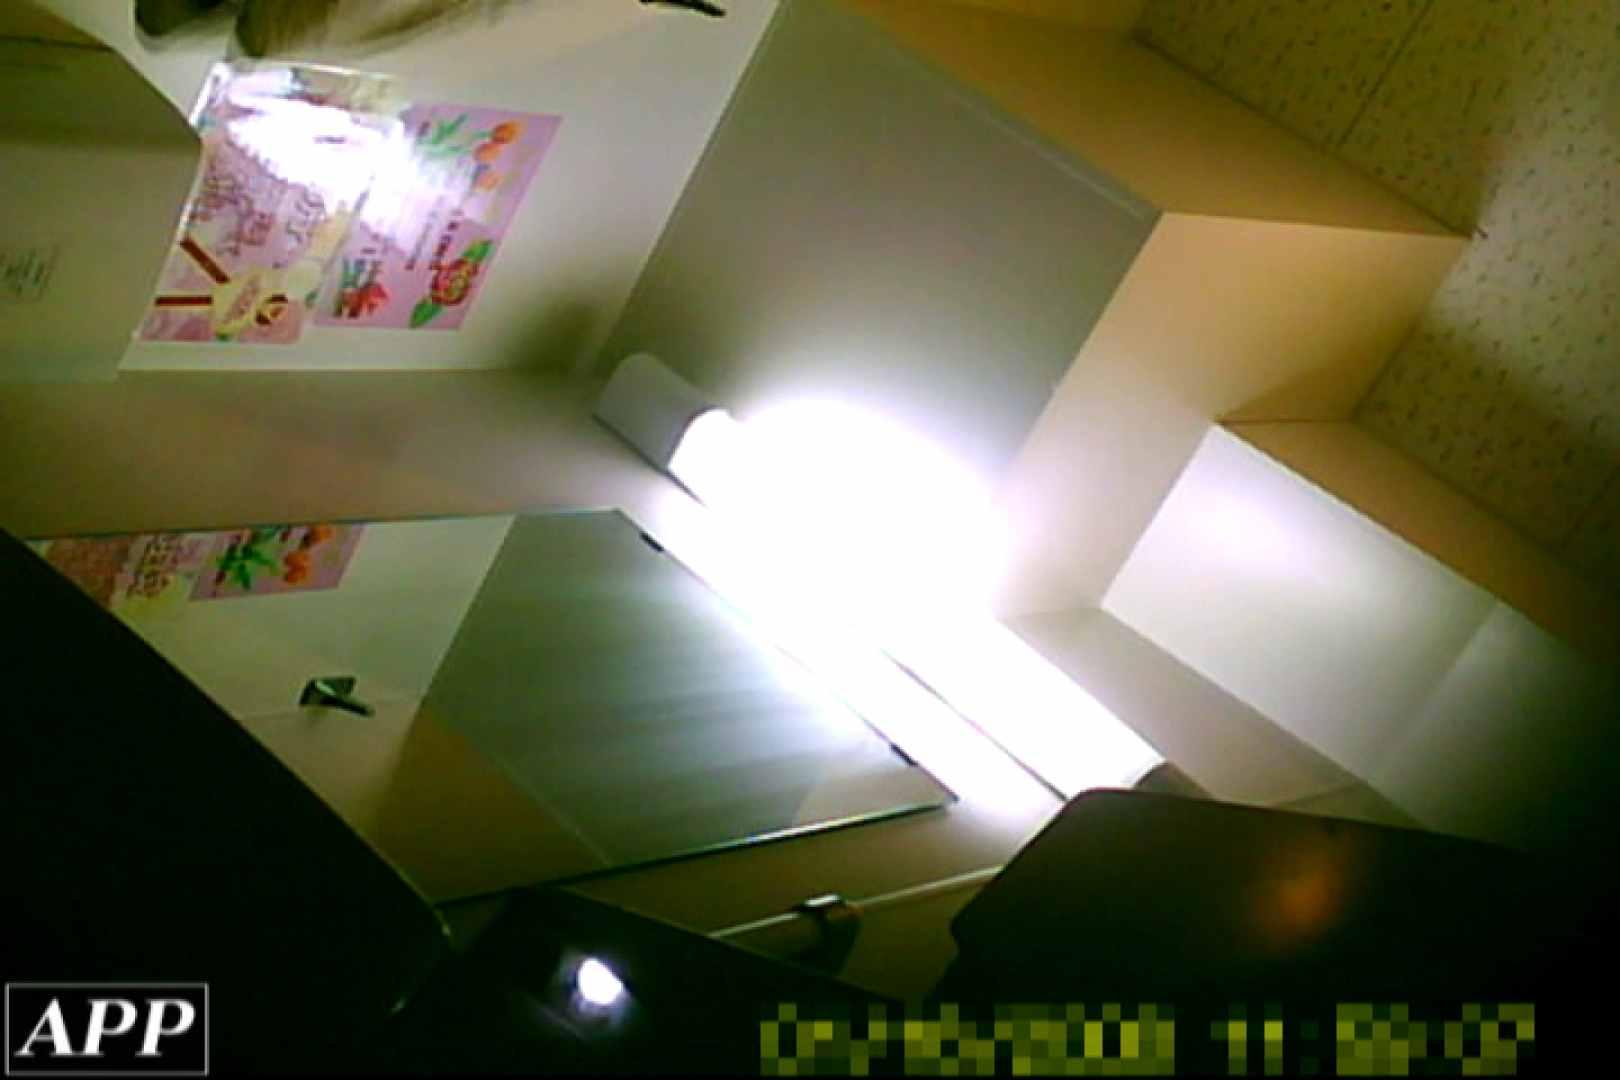 3視点洗面所 vol.128 OLの実態 盗み撮りオマンコ動画キャプチャ 77pic 20